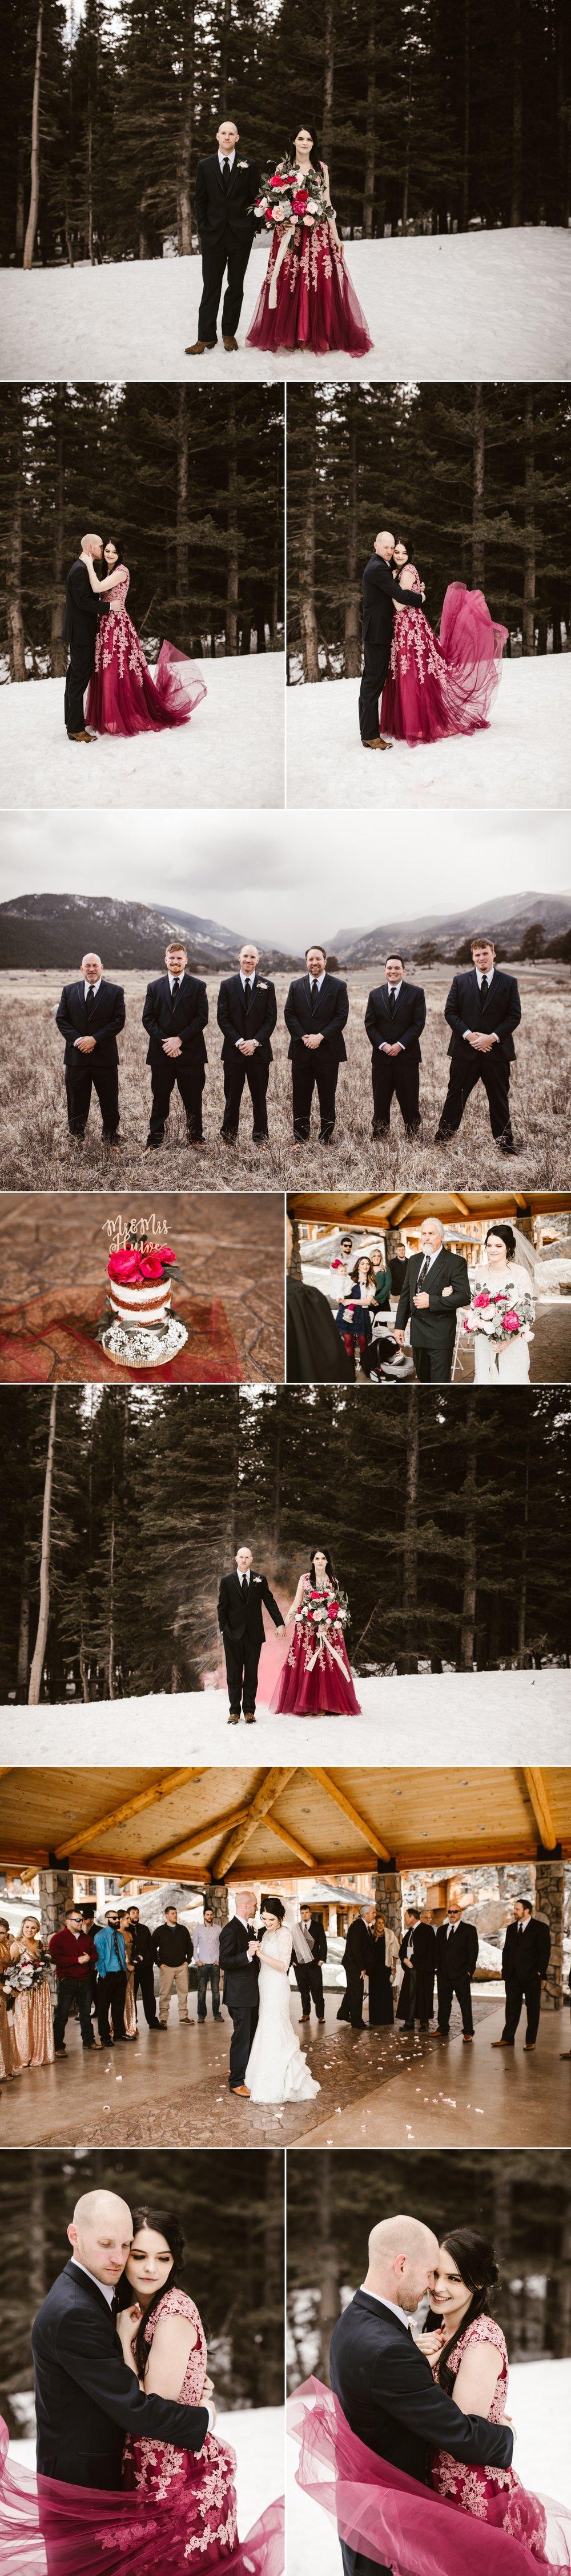 The Huwe Wedding 1.jpg